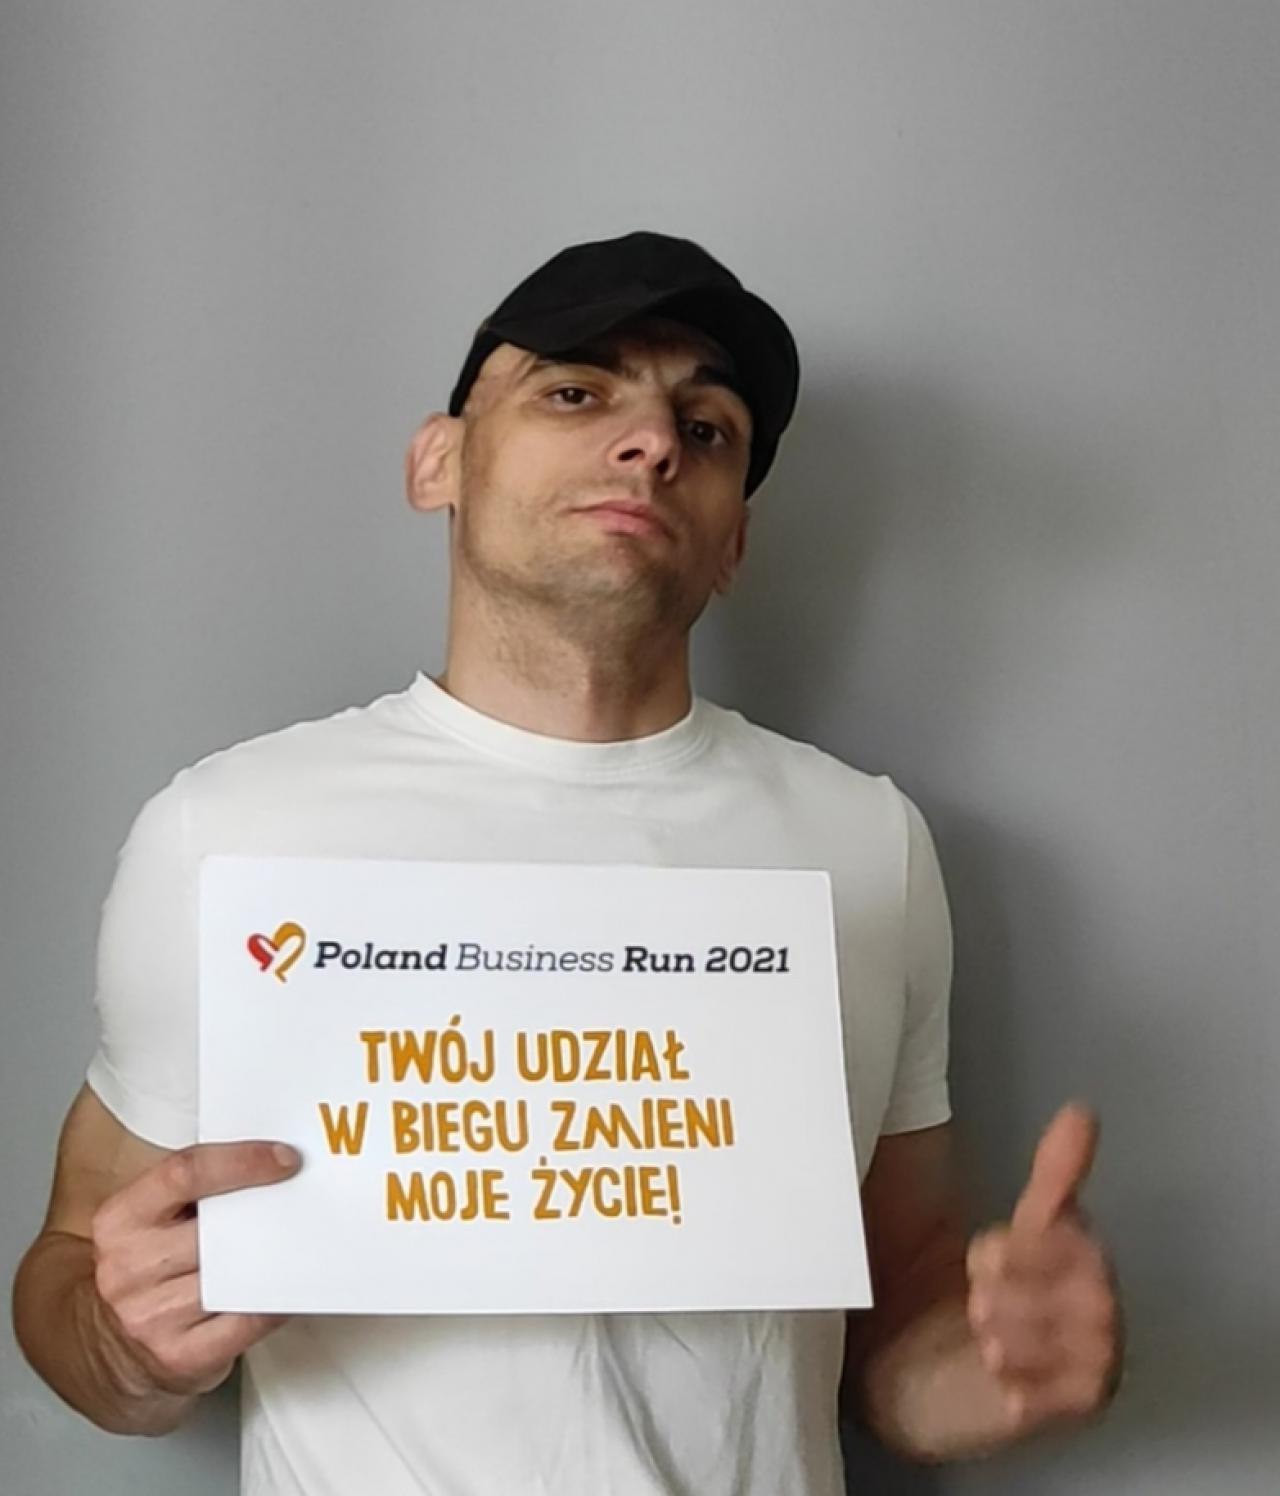 Poland Business Run szuka beneficjentów na Dolnym Śląsku